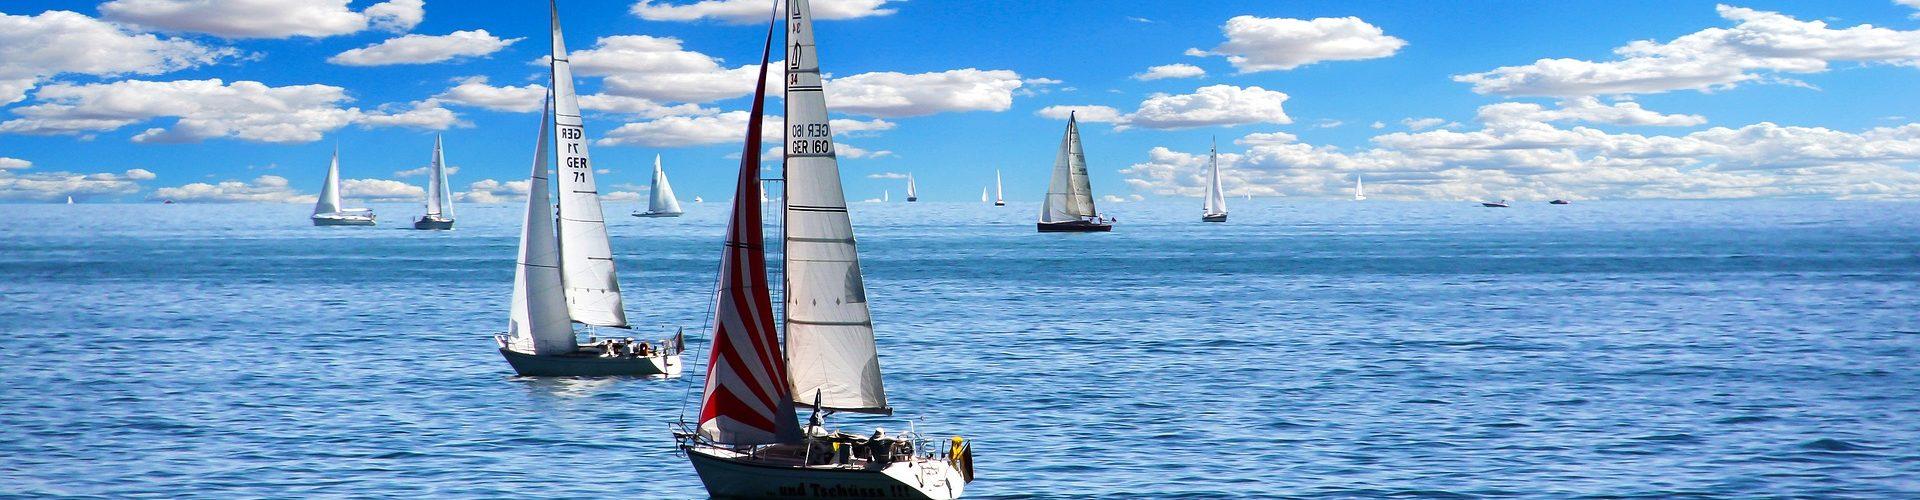 segeln lernen in Oranienburg segelschein machen in Oranienburg 1920x500 - Segeln lernen in Oranienburg